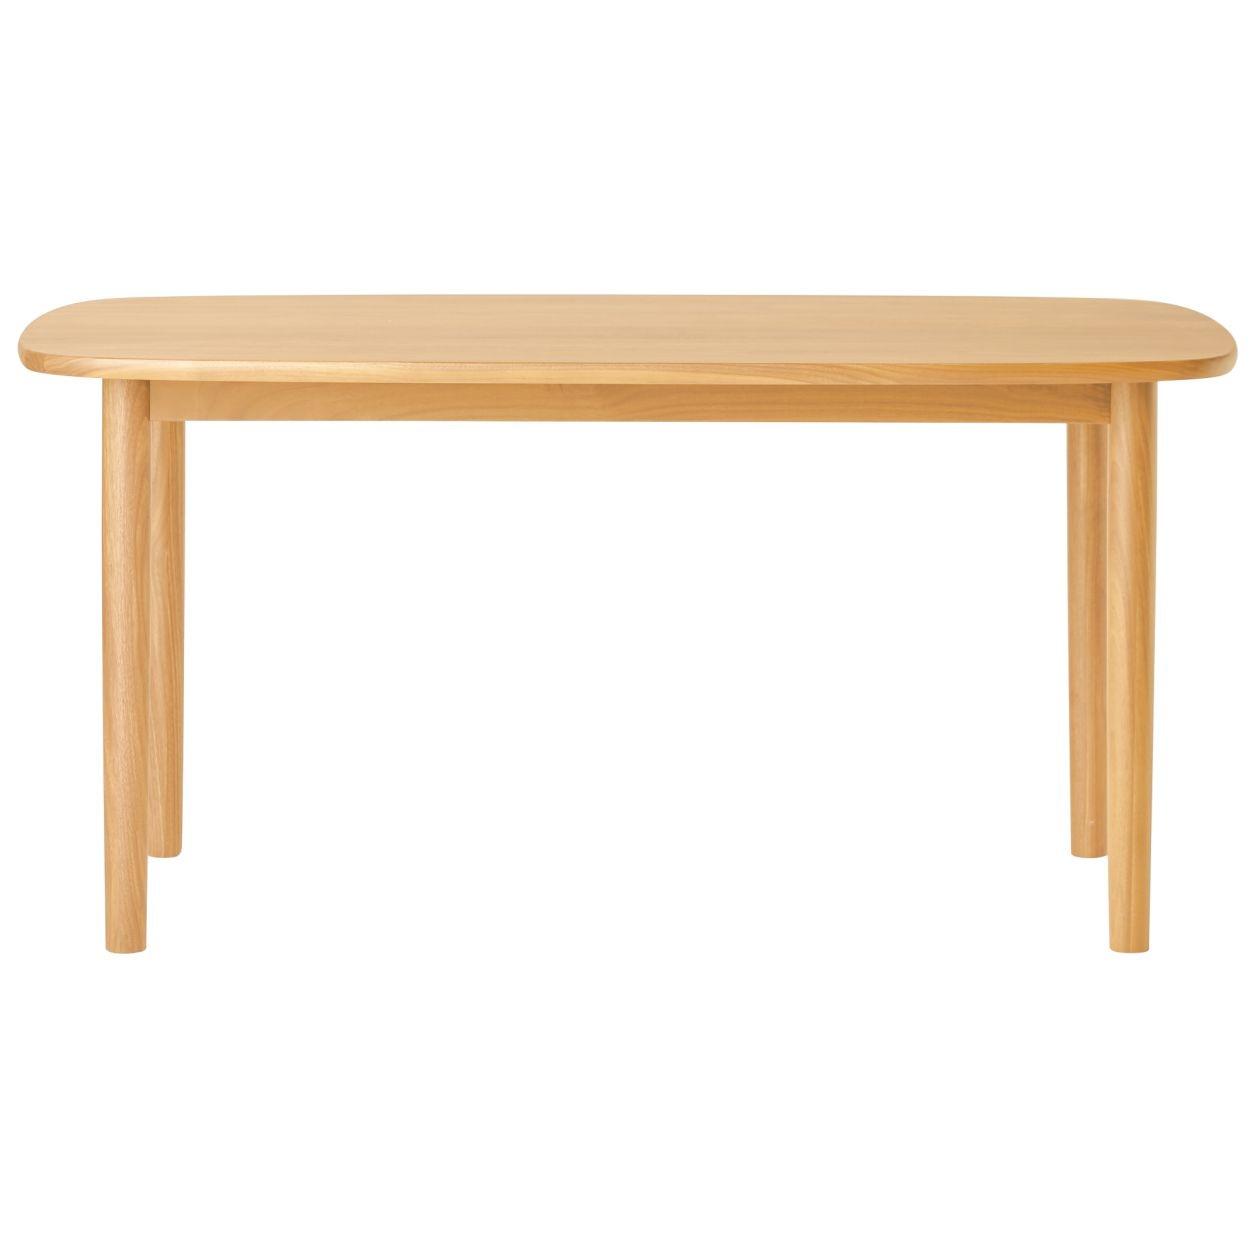 無垢材テーブル・楕円・オーク材・幅150cm